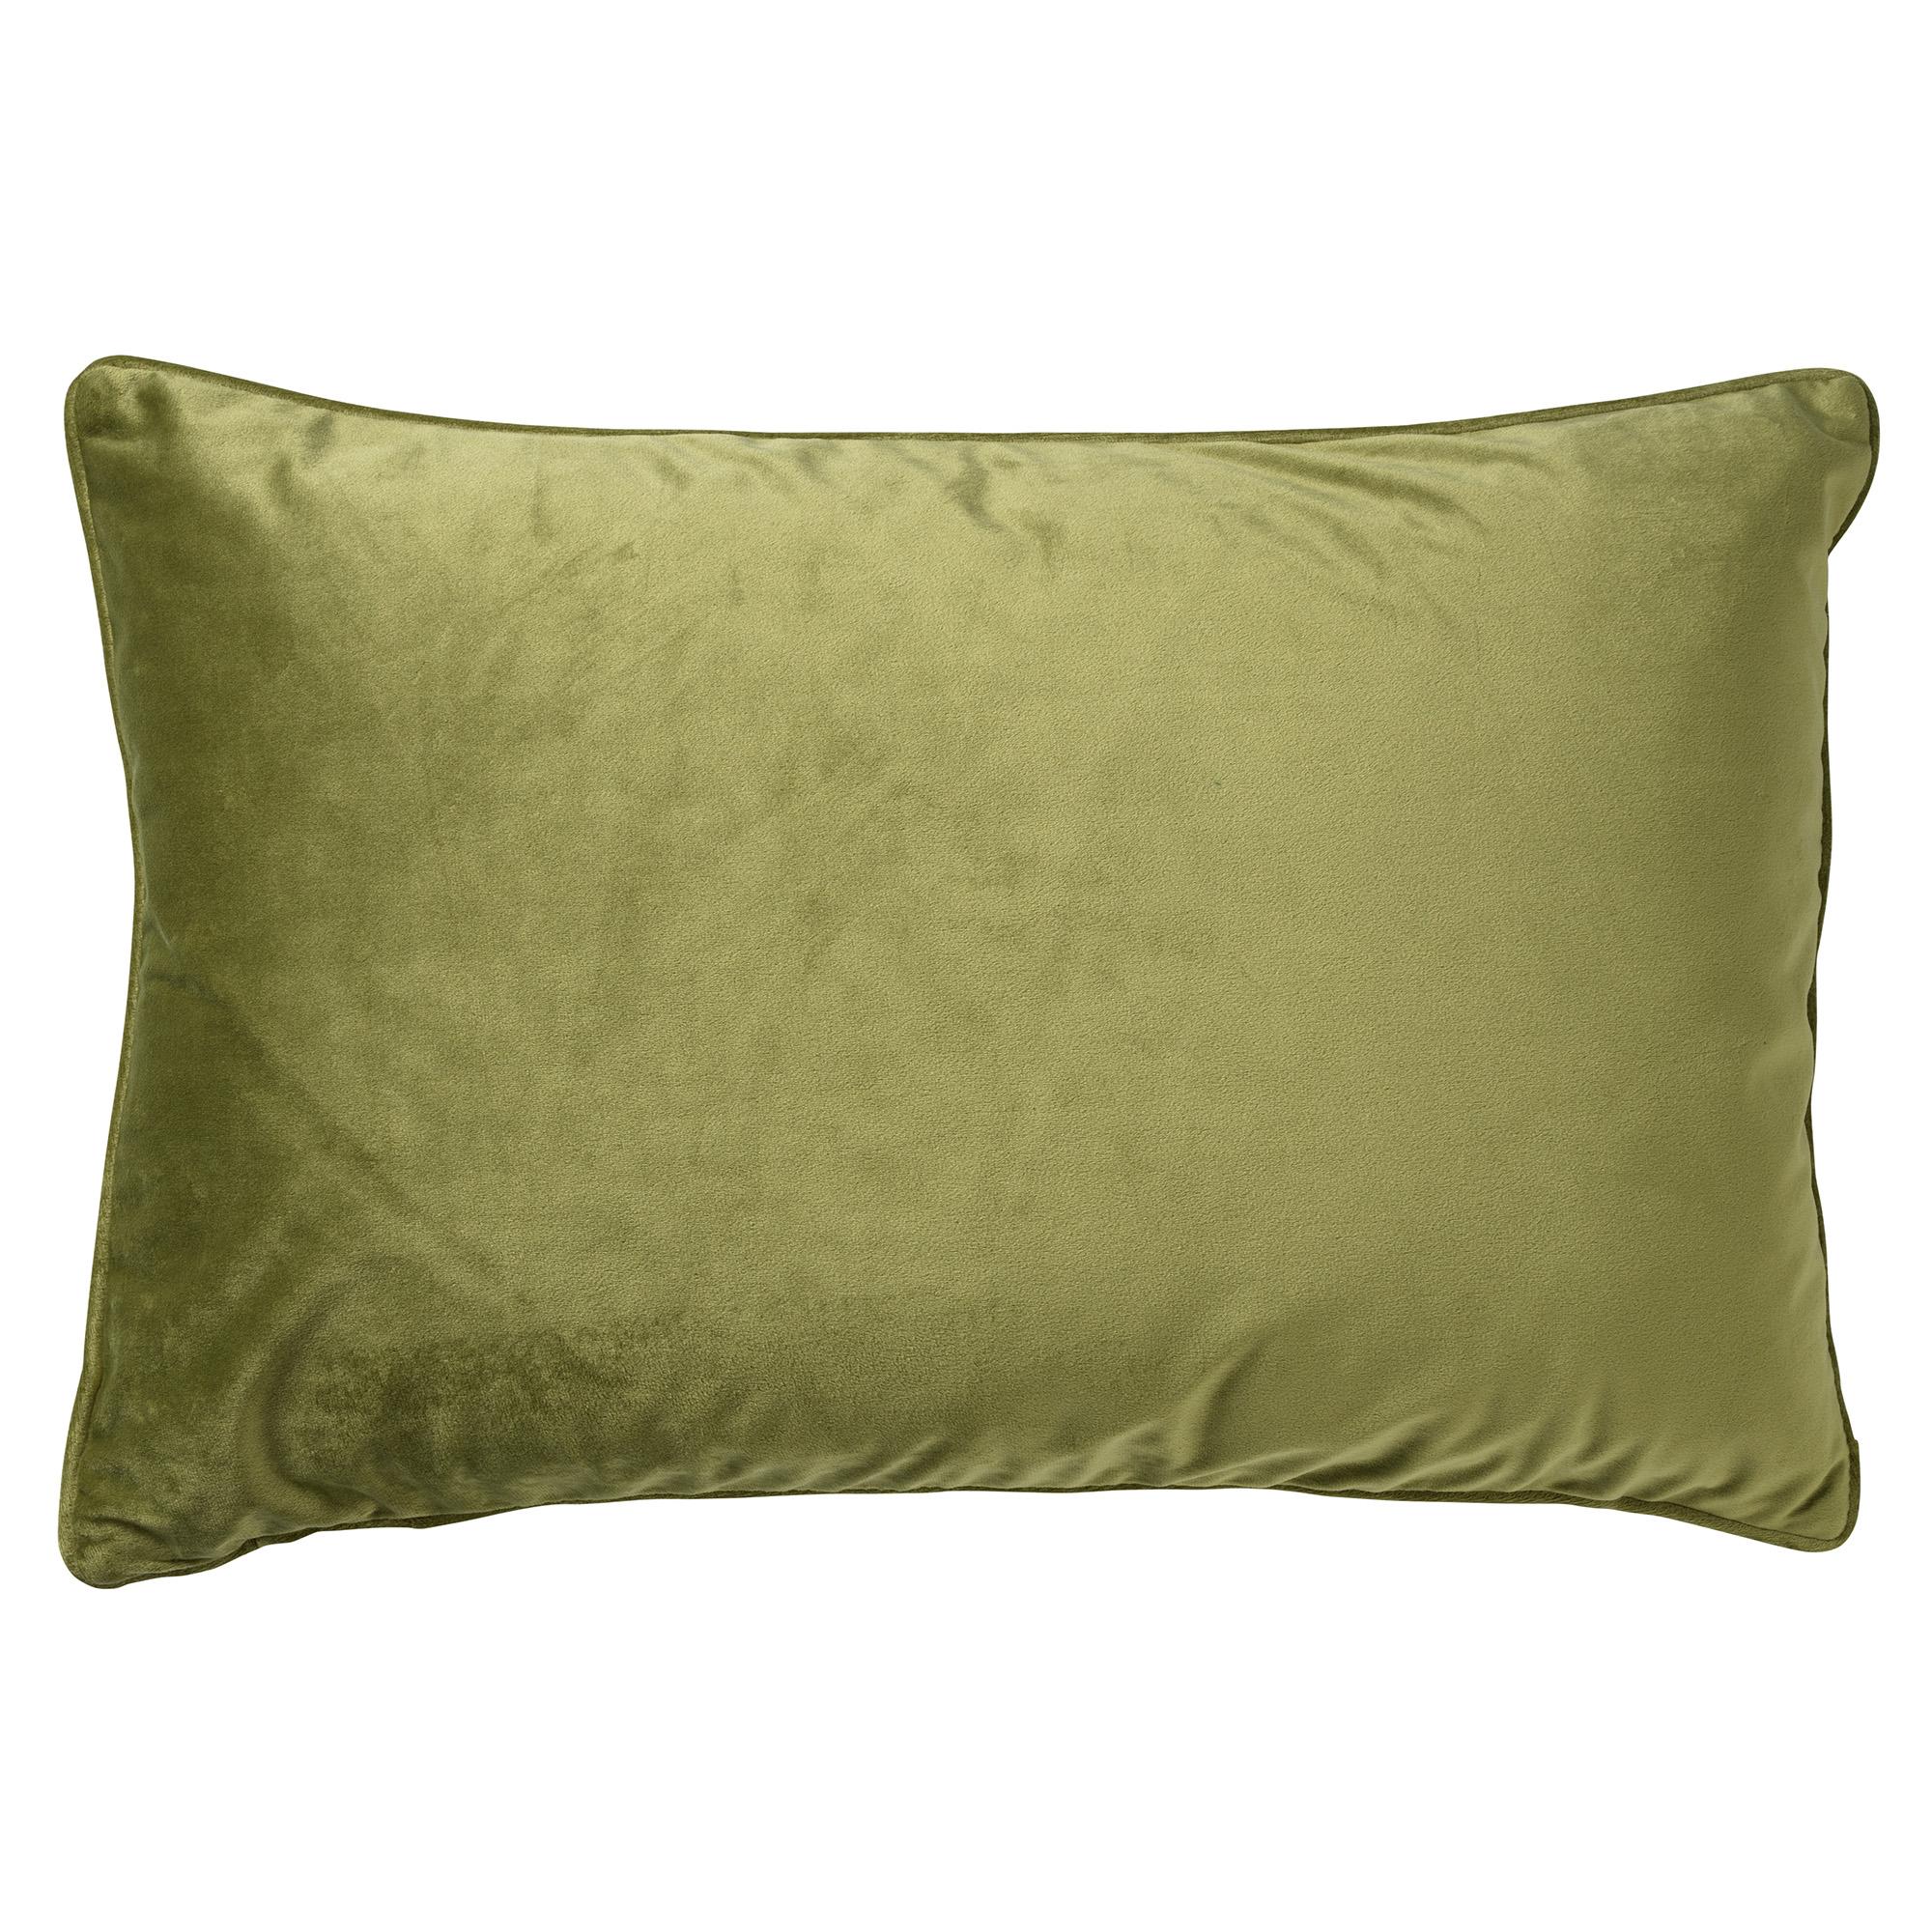 FINN - Sierkussen velvet Calliste Green 40x60 cm